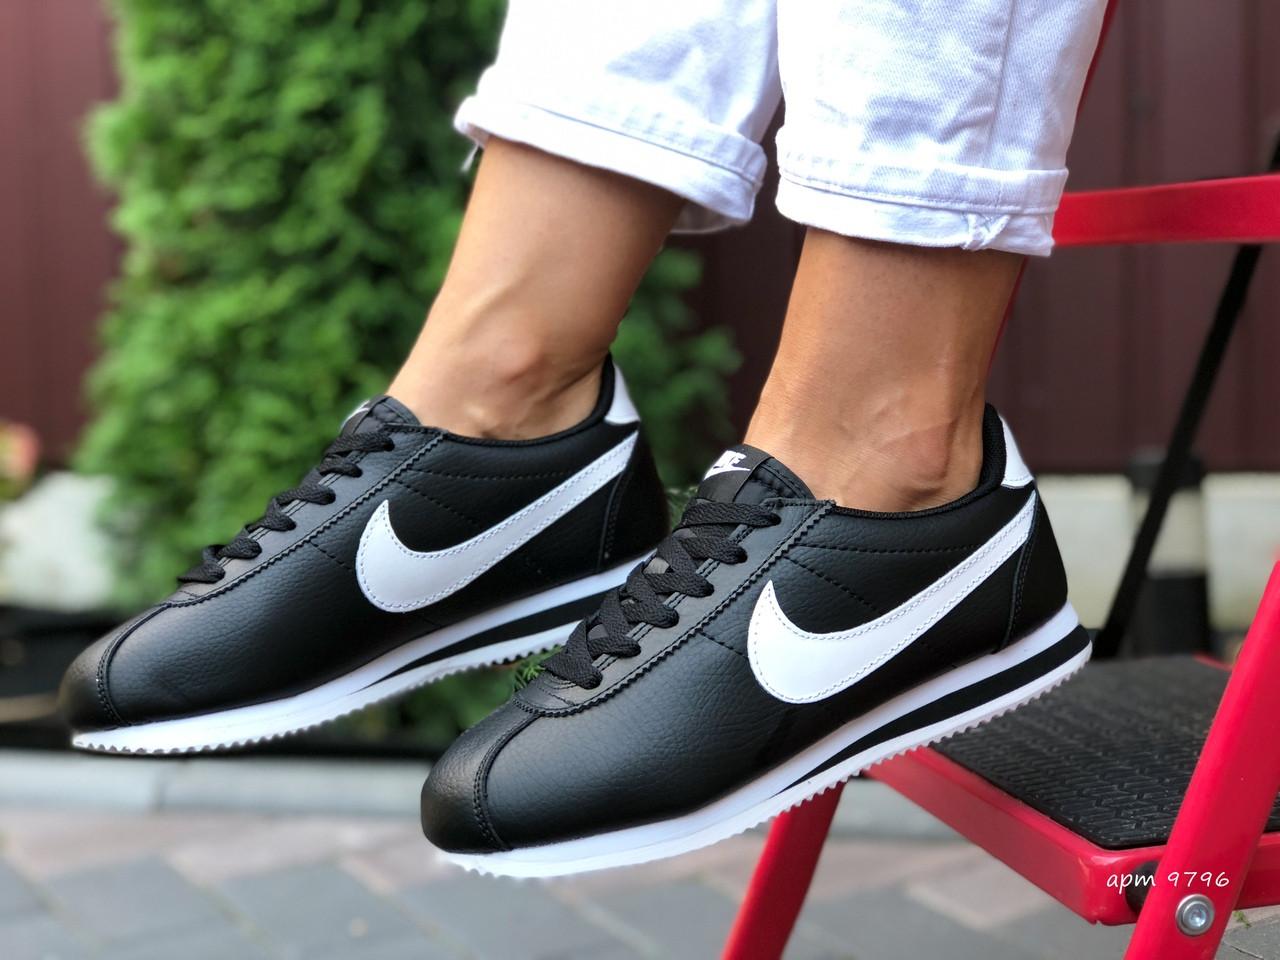 Женские кроссовки Nike Cortez (черно-белые) 9796